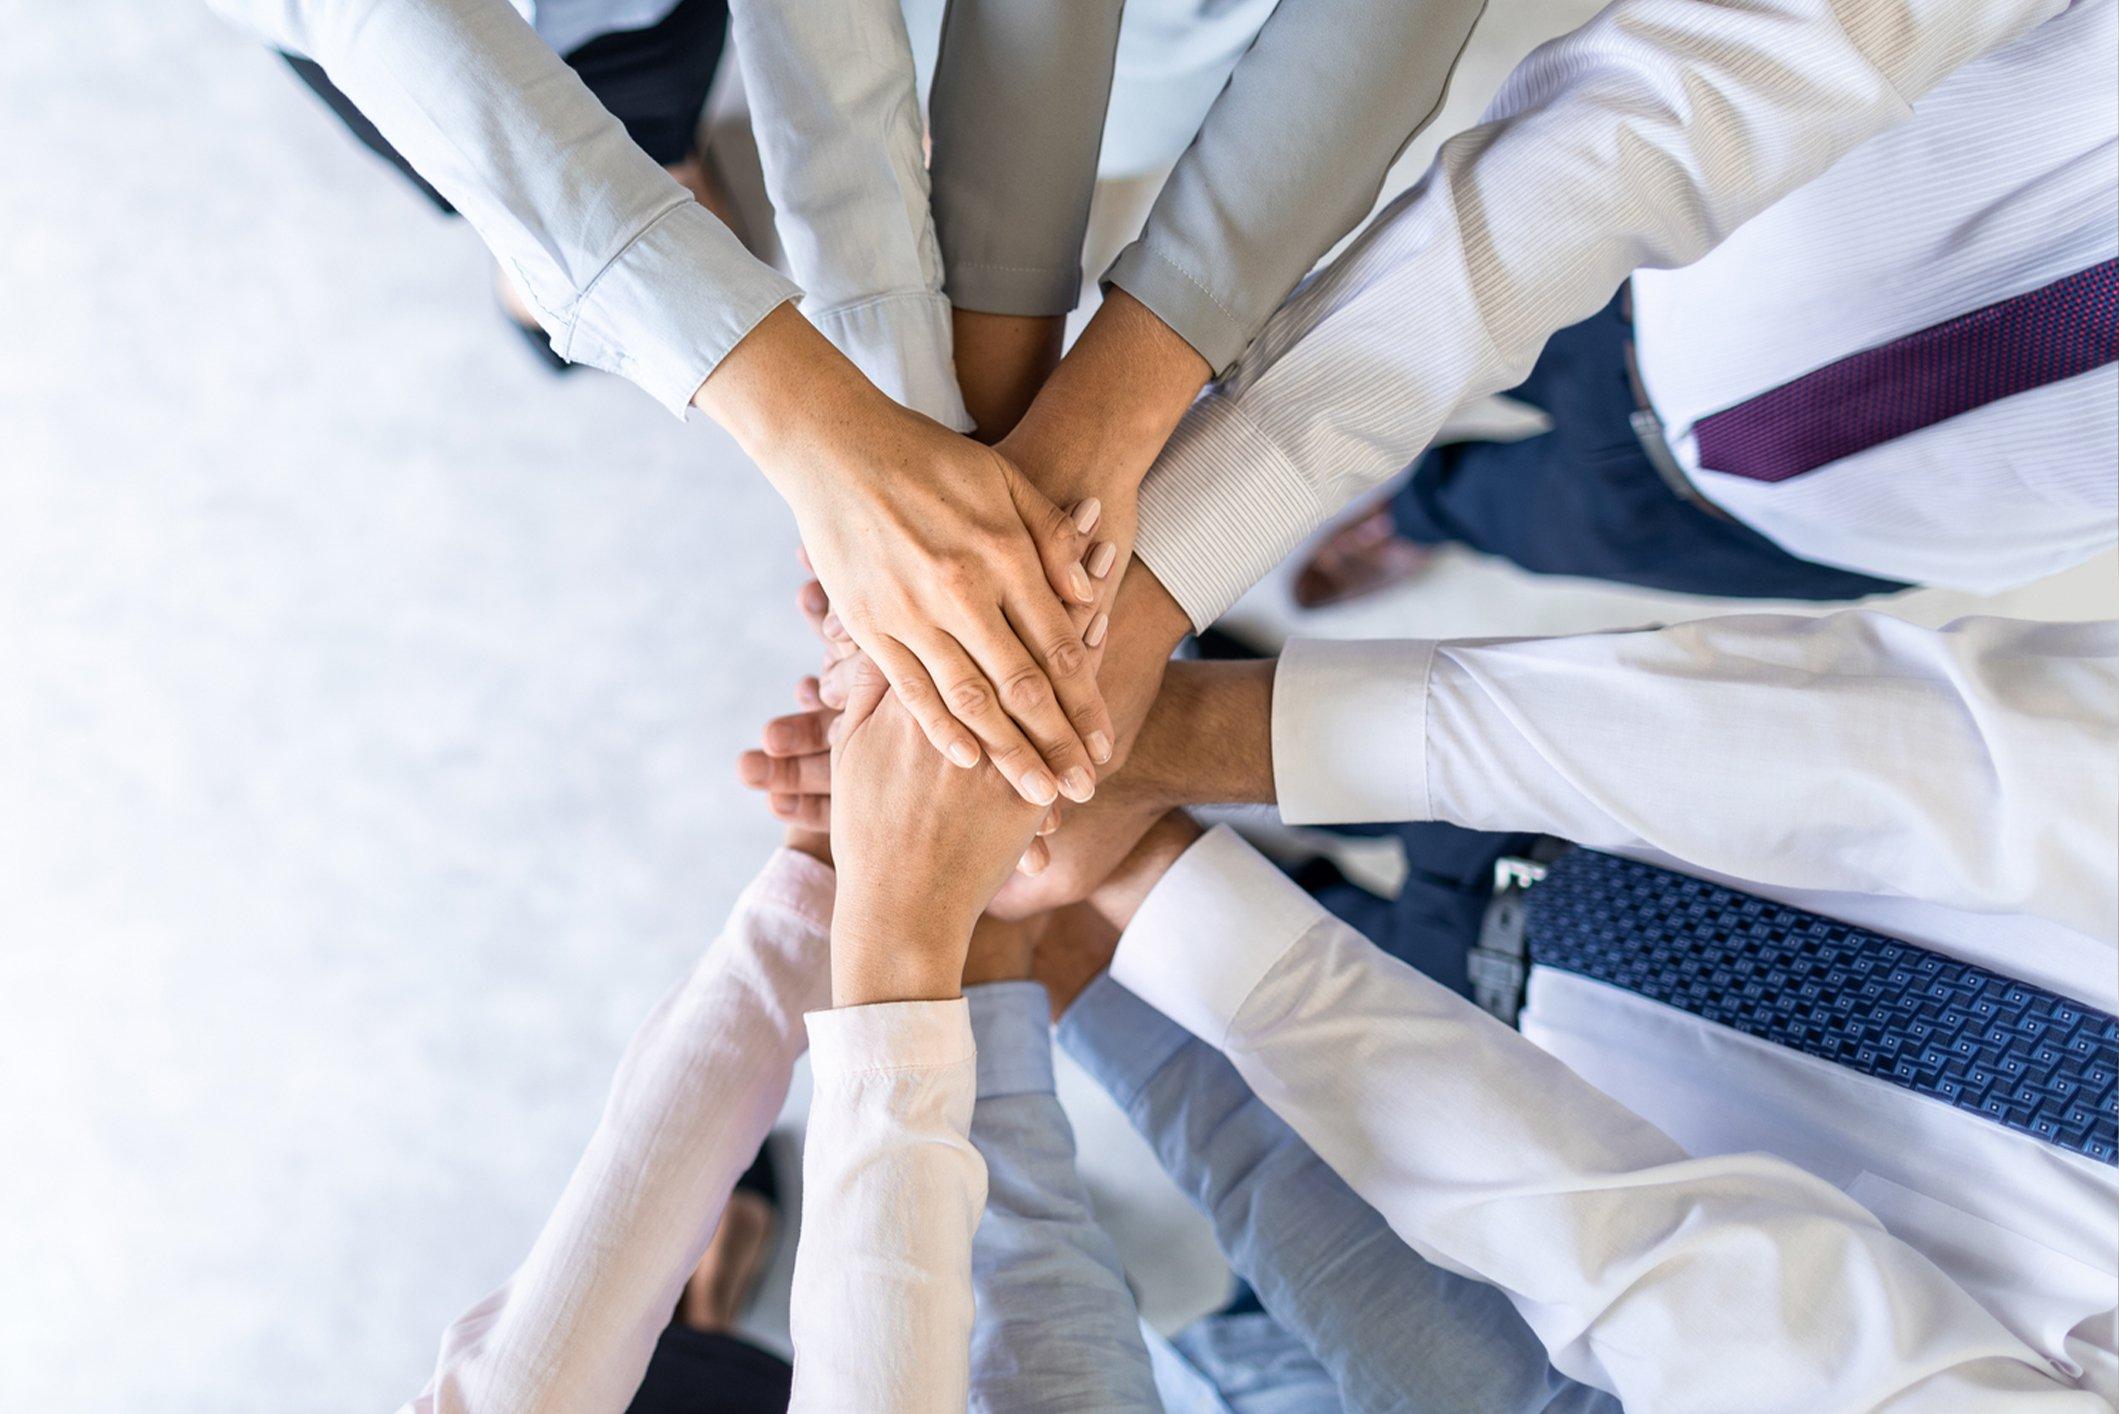 Careers Business Hands